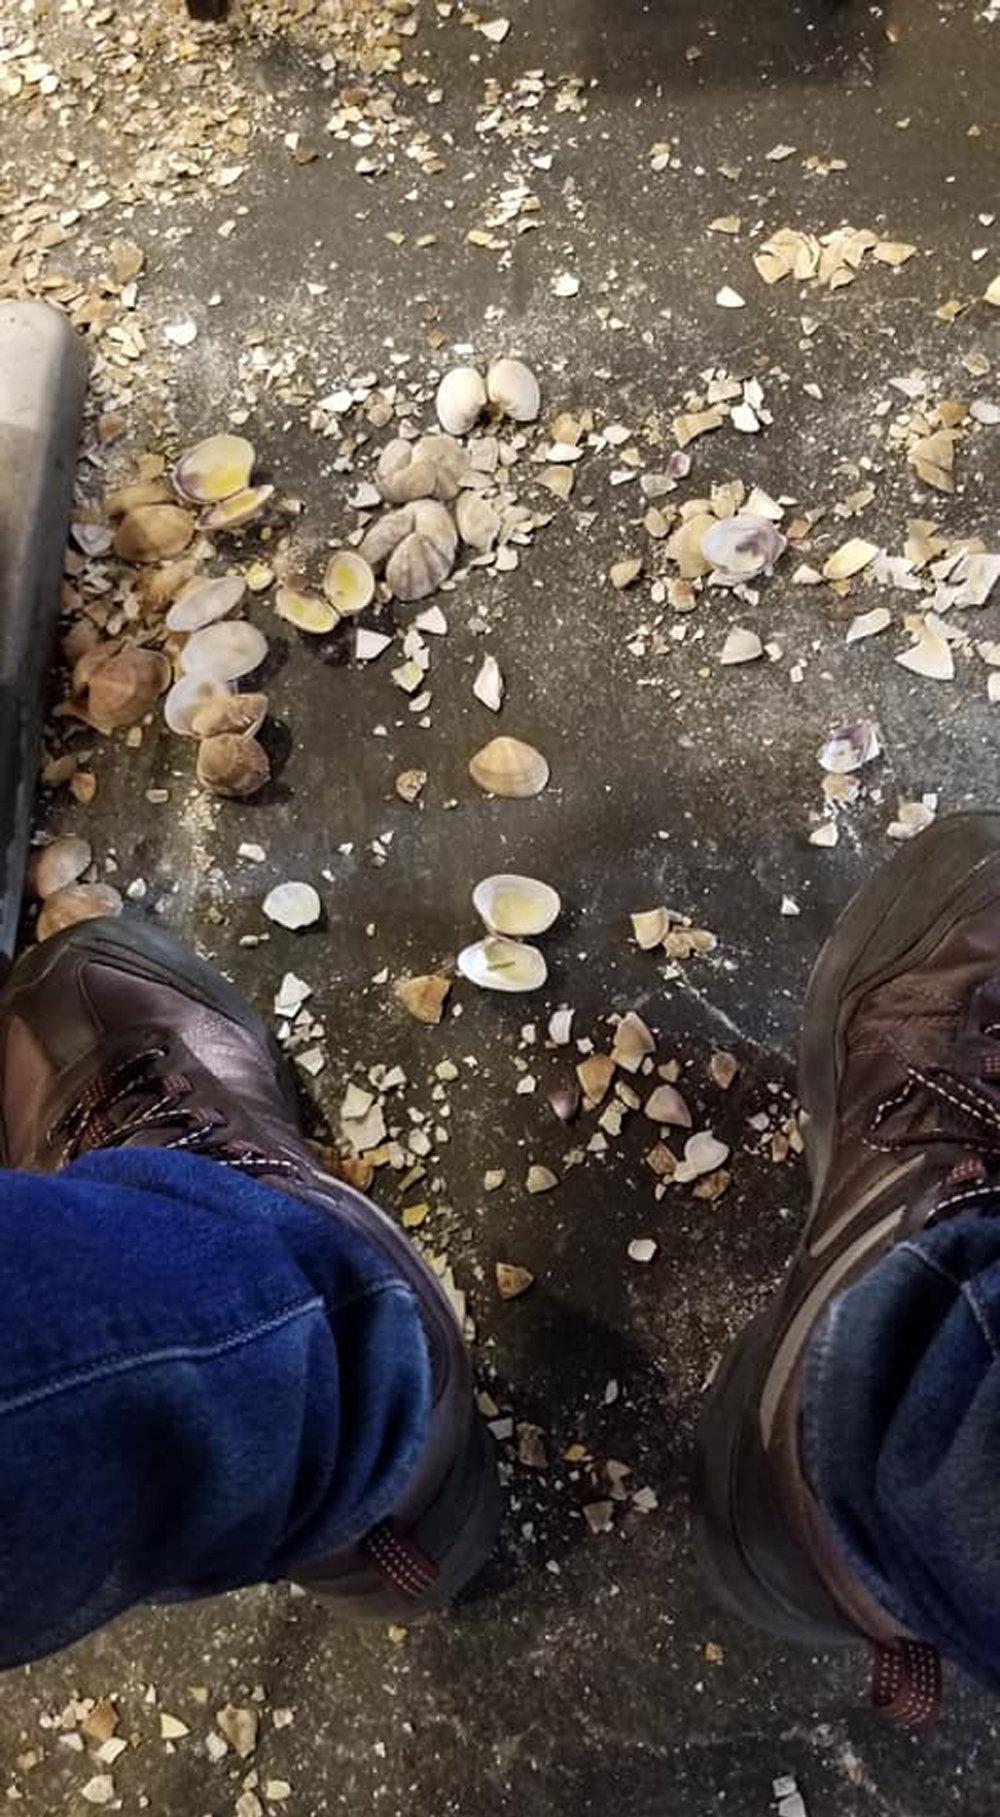 顧客們吃完海鮮,便將海鮮的殼直接扔到地上。